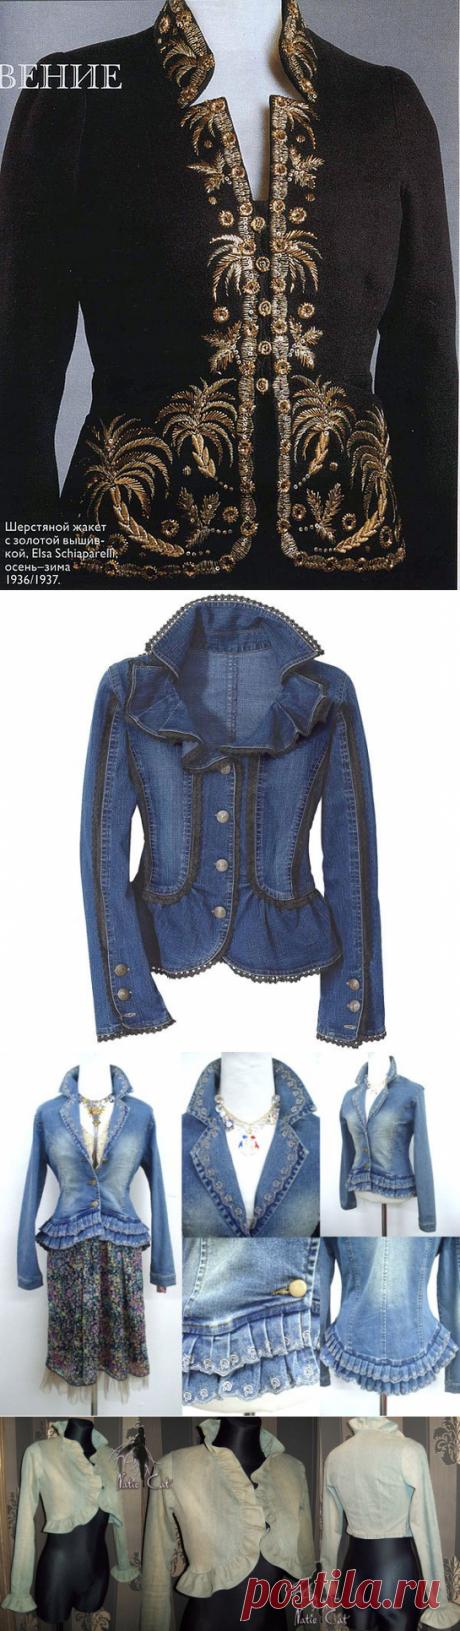 Из старых джинсов. Переделки. Часть 7. Жакеты, куртки .